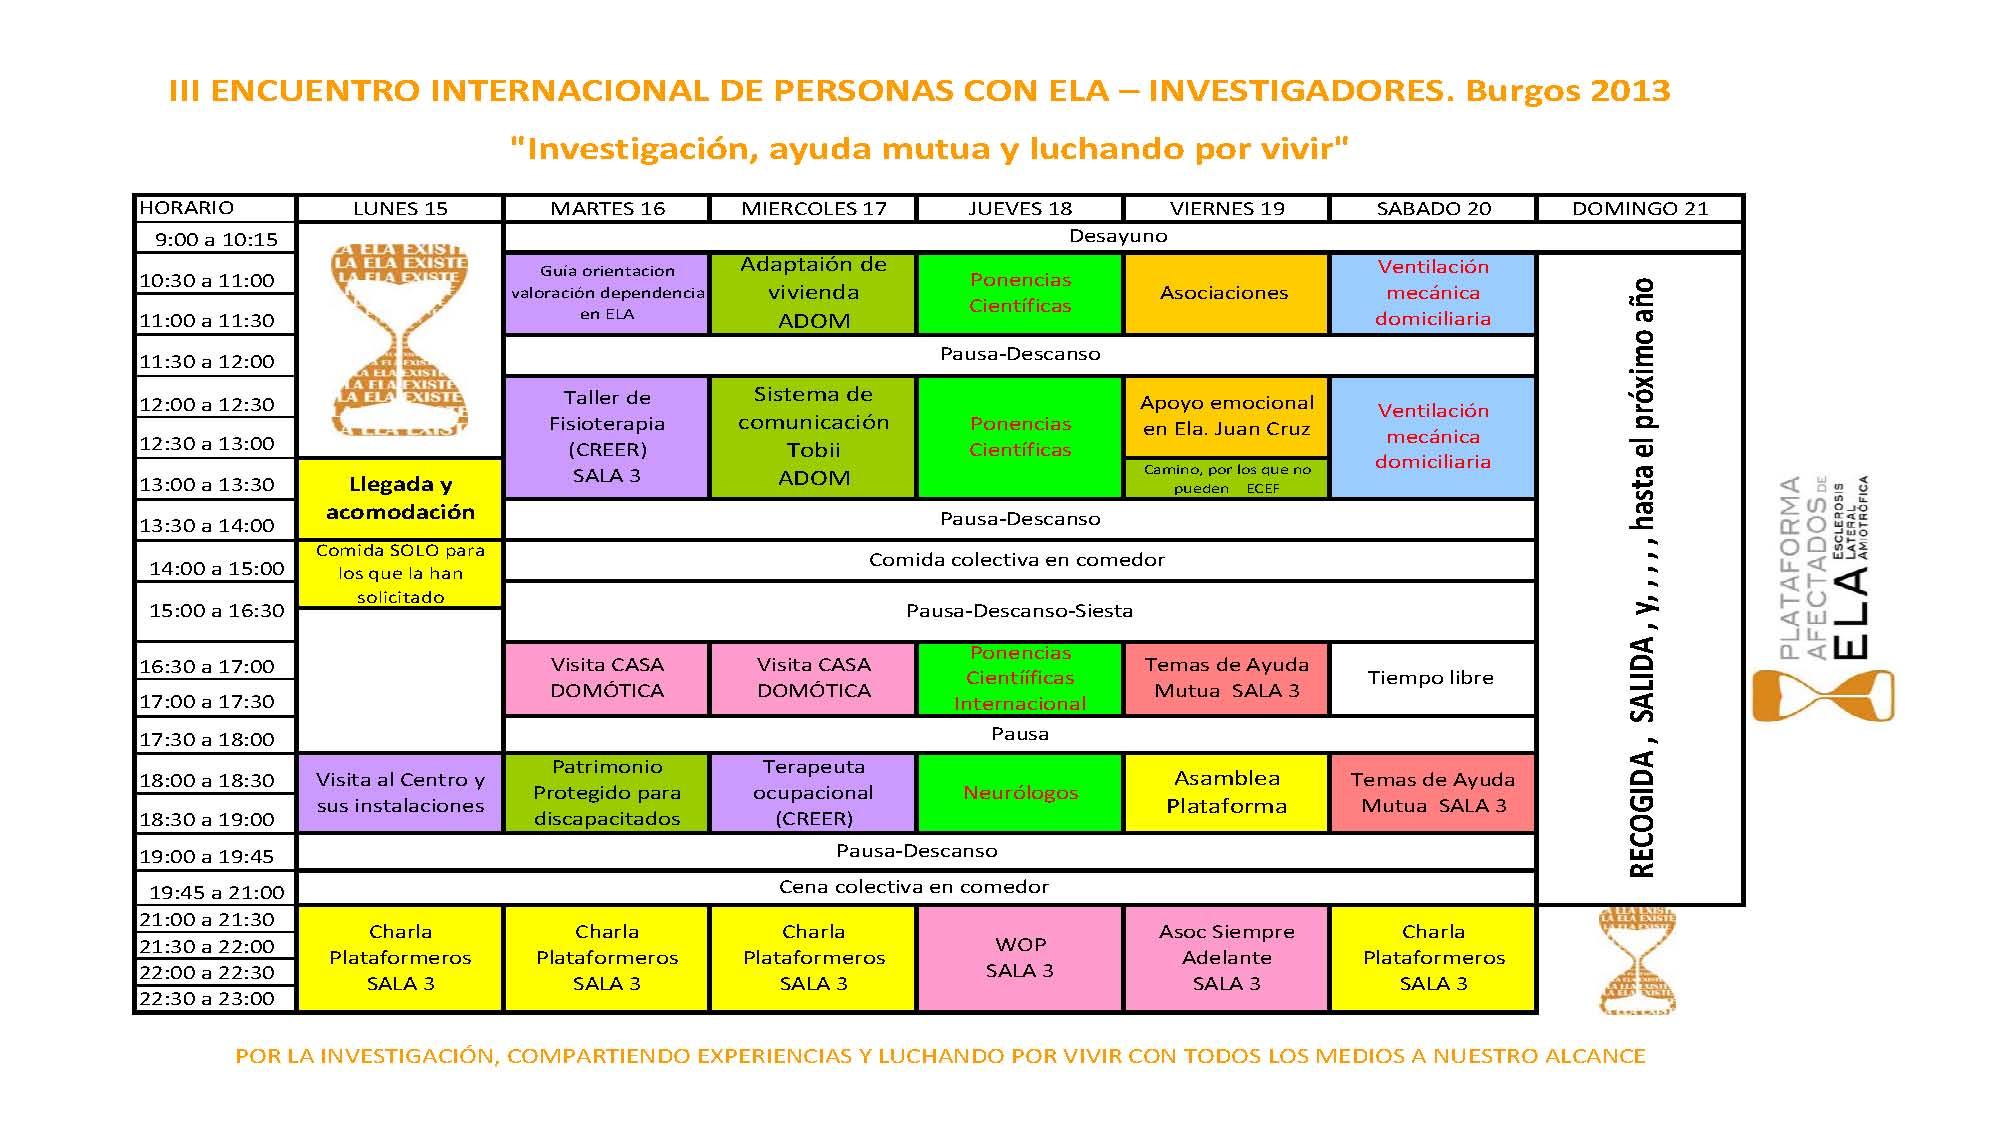 III ENCUENTRO INTERNACIONAL DE PERSONAS CON ELA – INVESTIGADORES.  Burgos 2013